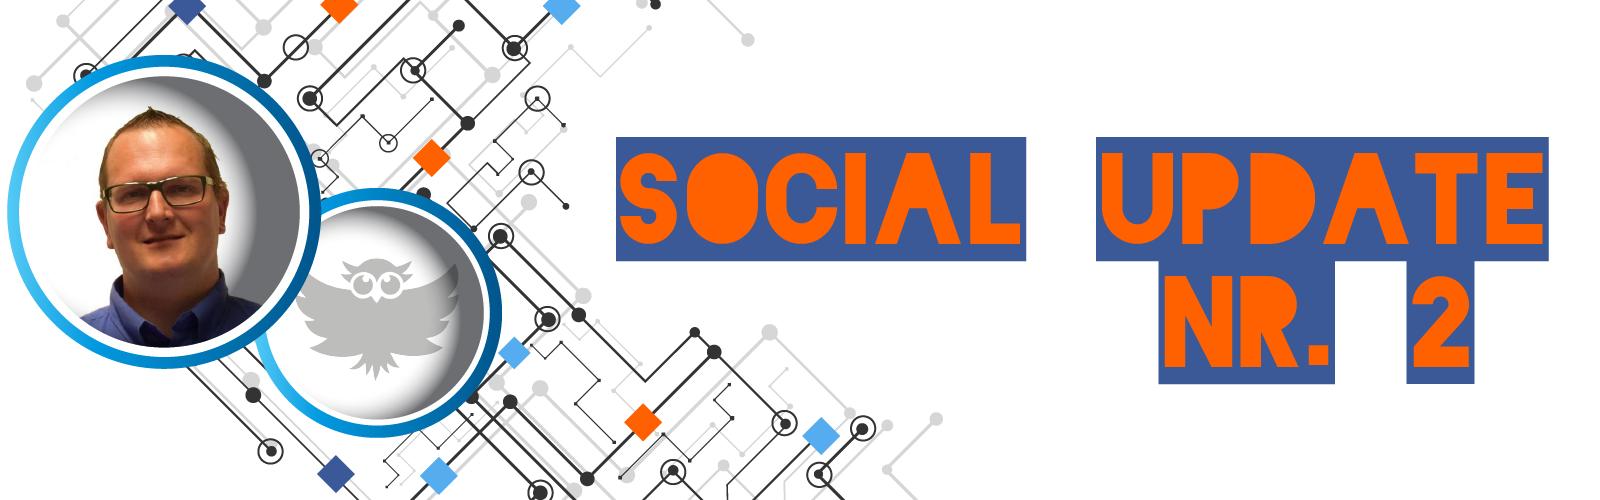 Social Update NR. 2